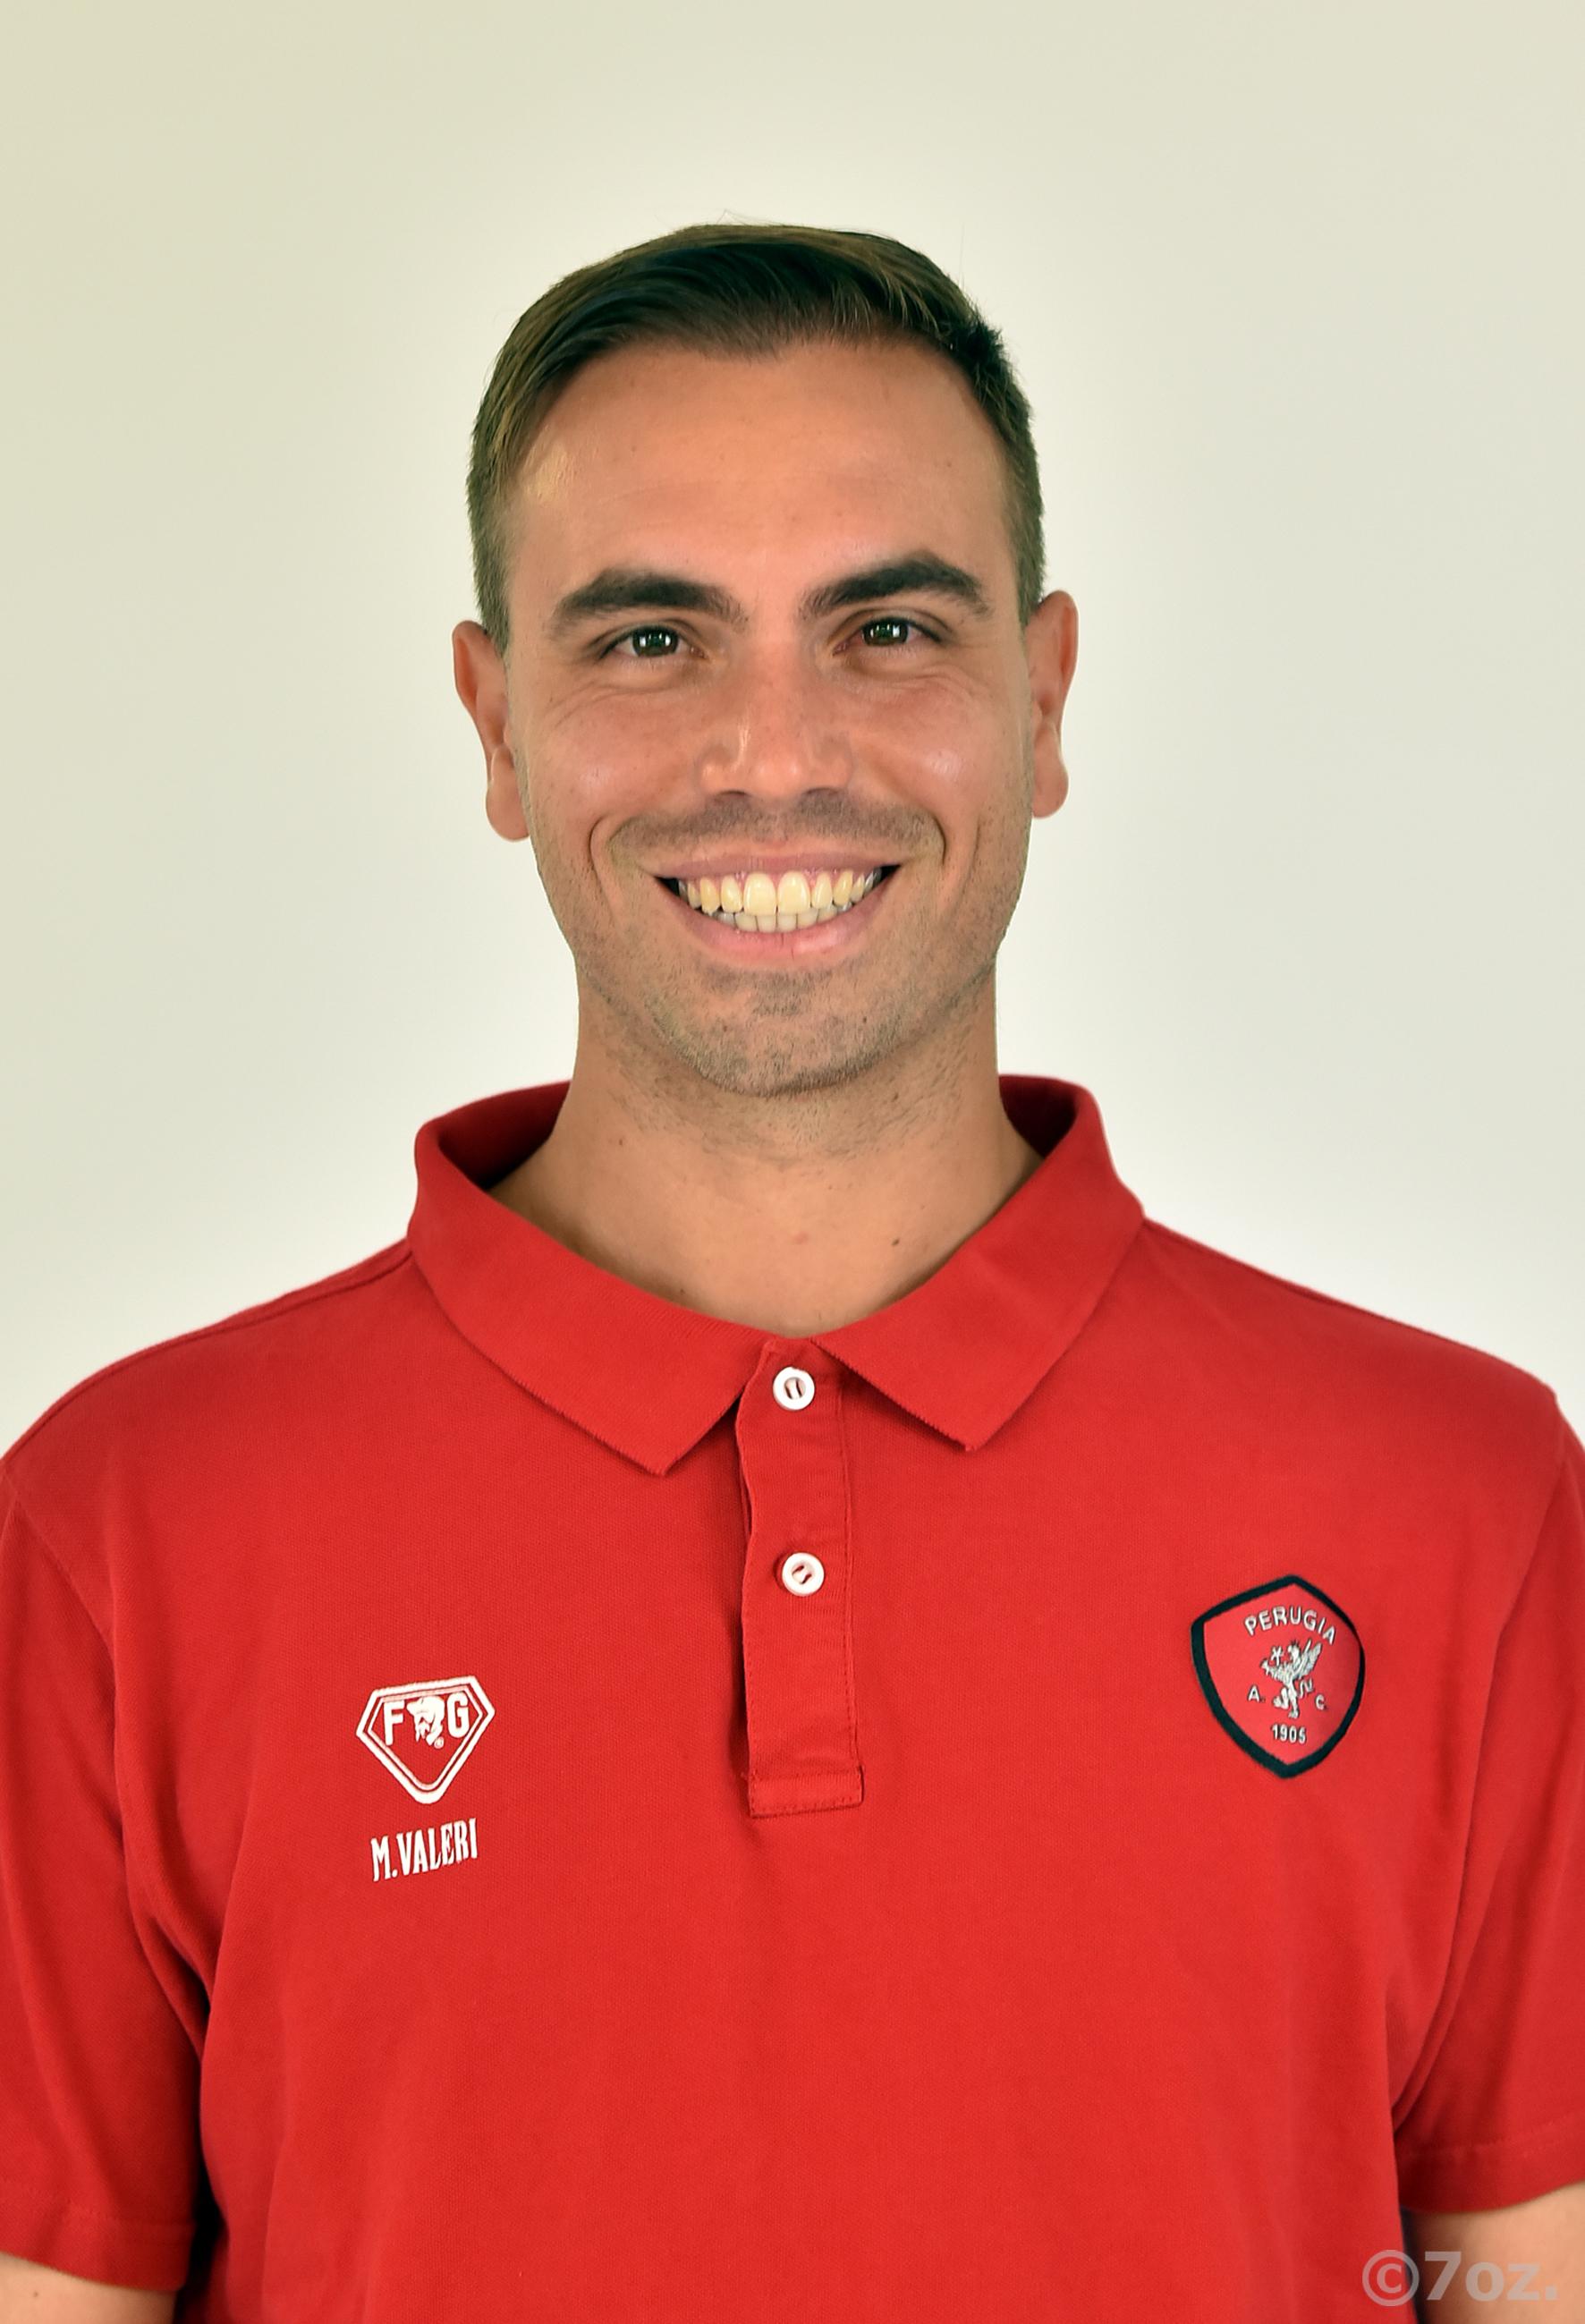 Matteo Valeri- A.C. Perugia Calcio